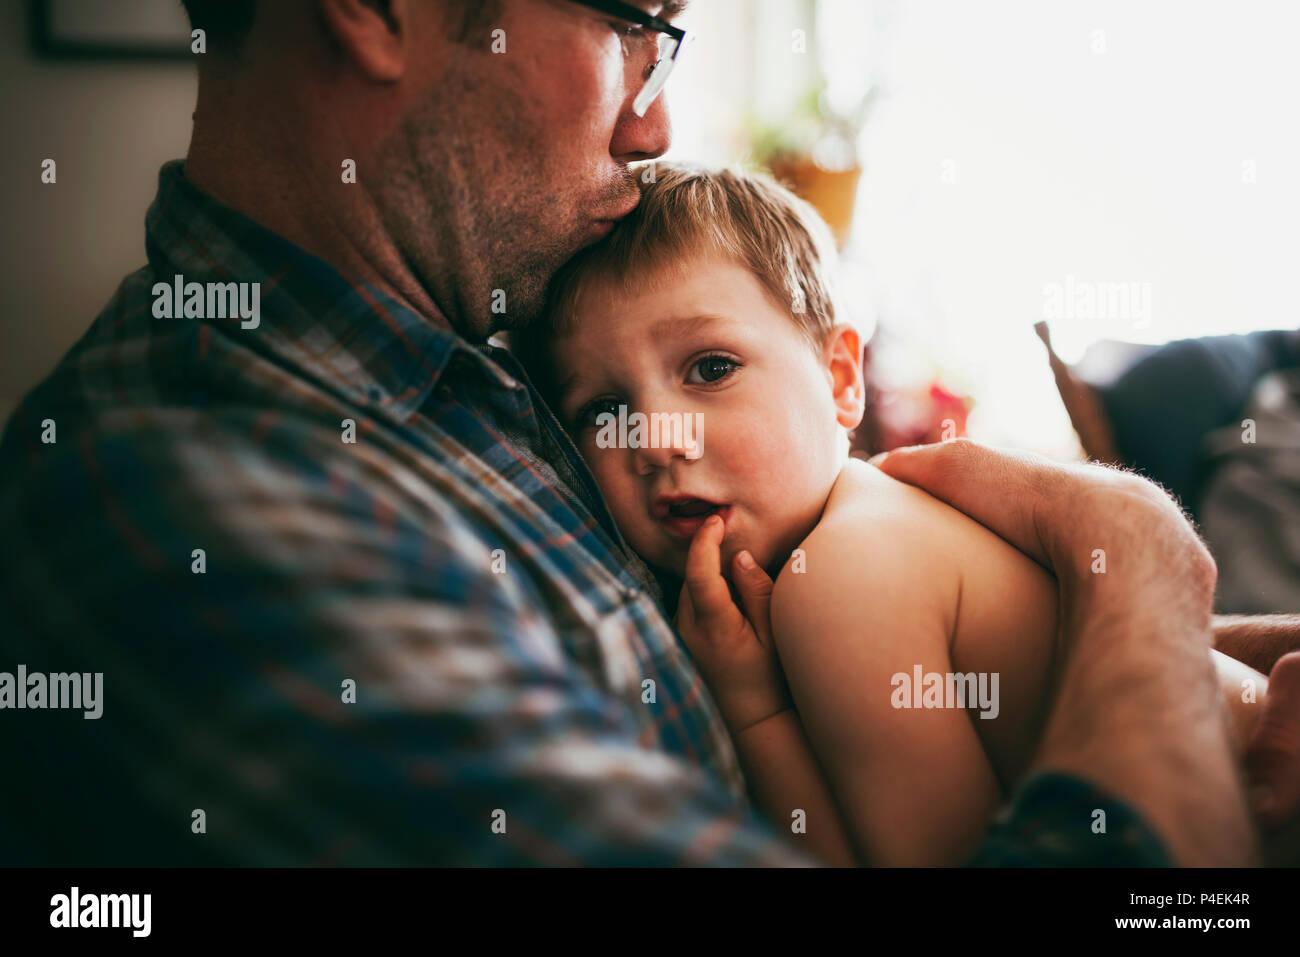 Vater seinen Sohn sitzen auf der Couch kuscheln und ihn Küssen auf den Kopf Stockfoto